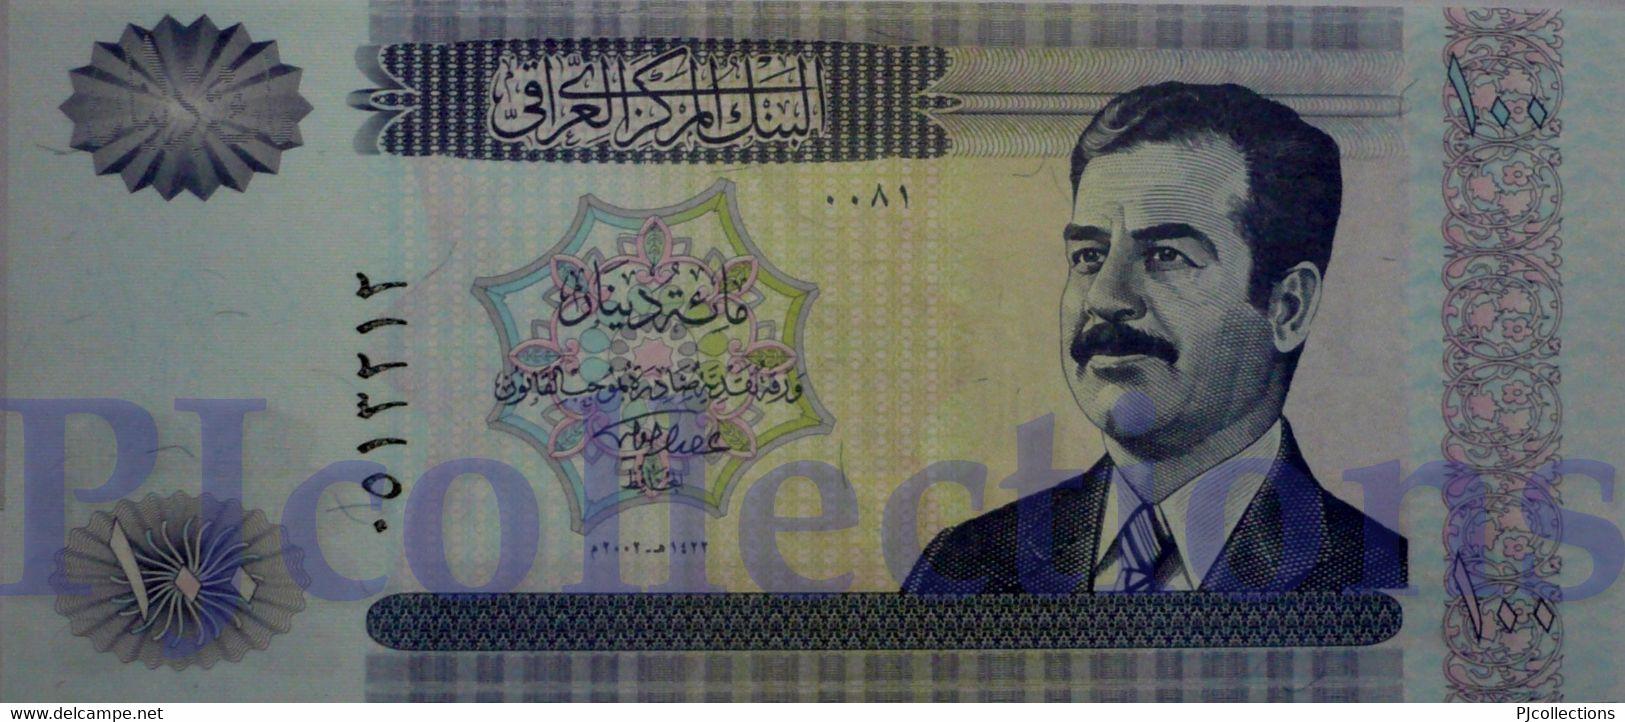 IRAQ 100 DINARS 2002 PICK 87 UNC - Iraq